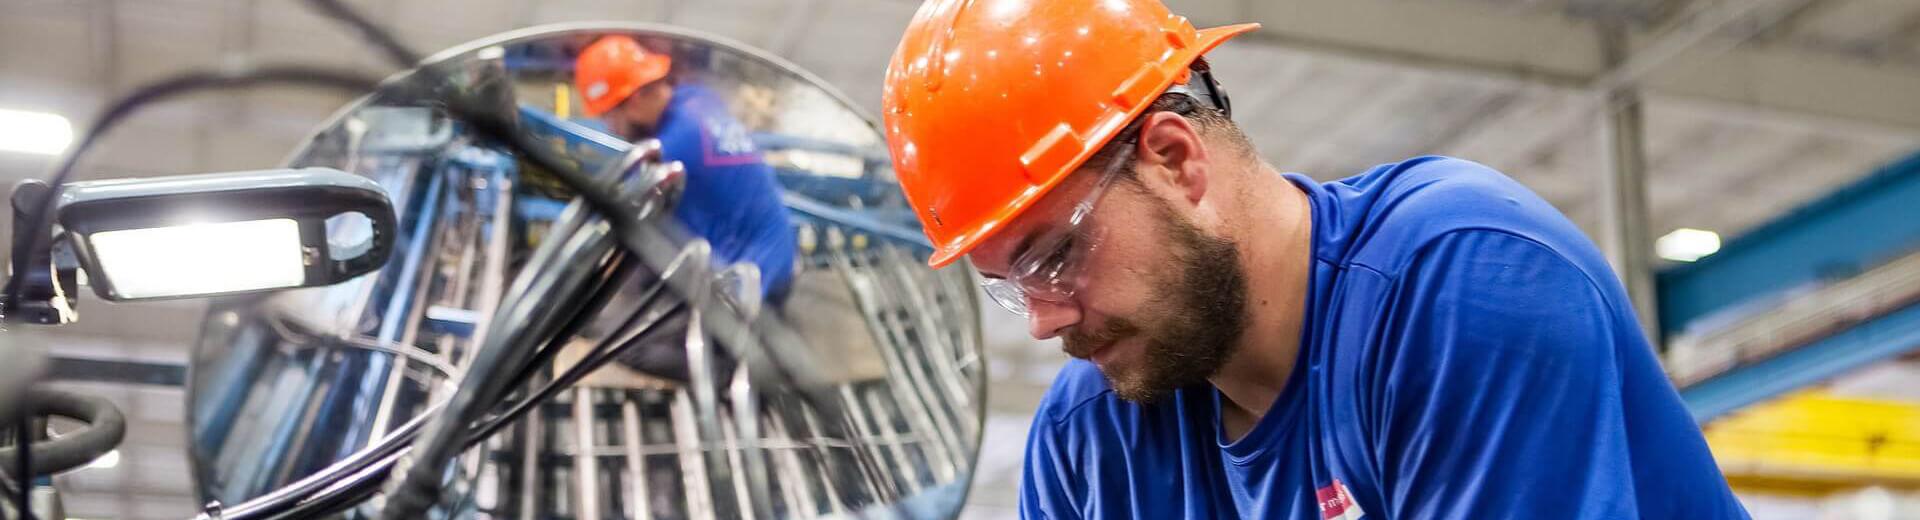 Neue langfristige Finanzierung der TRIMET Aluminium SE erfolgreich abgeschlossen